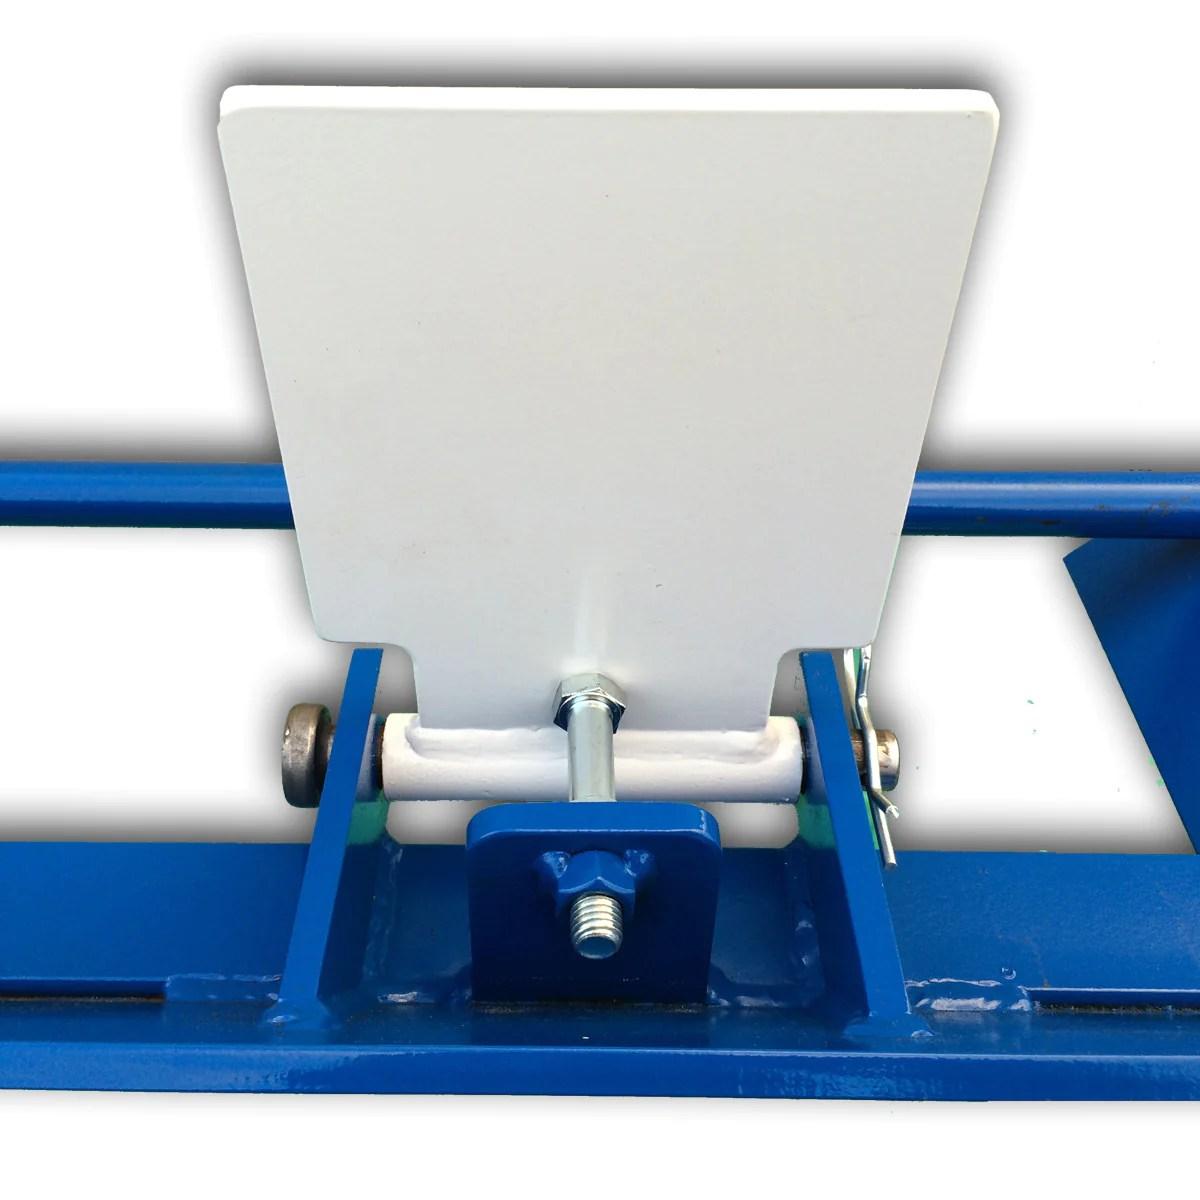 six target plate rack blue steel